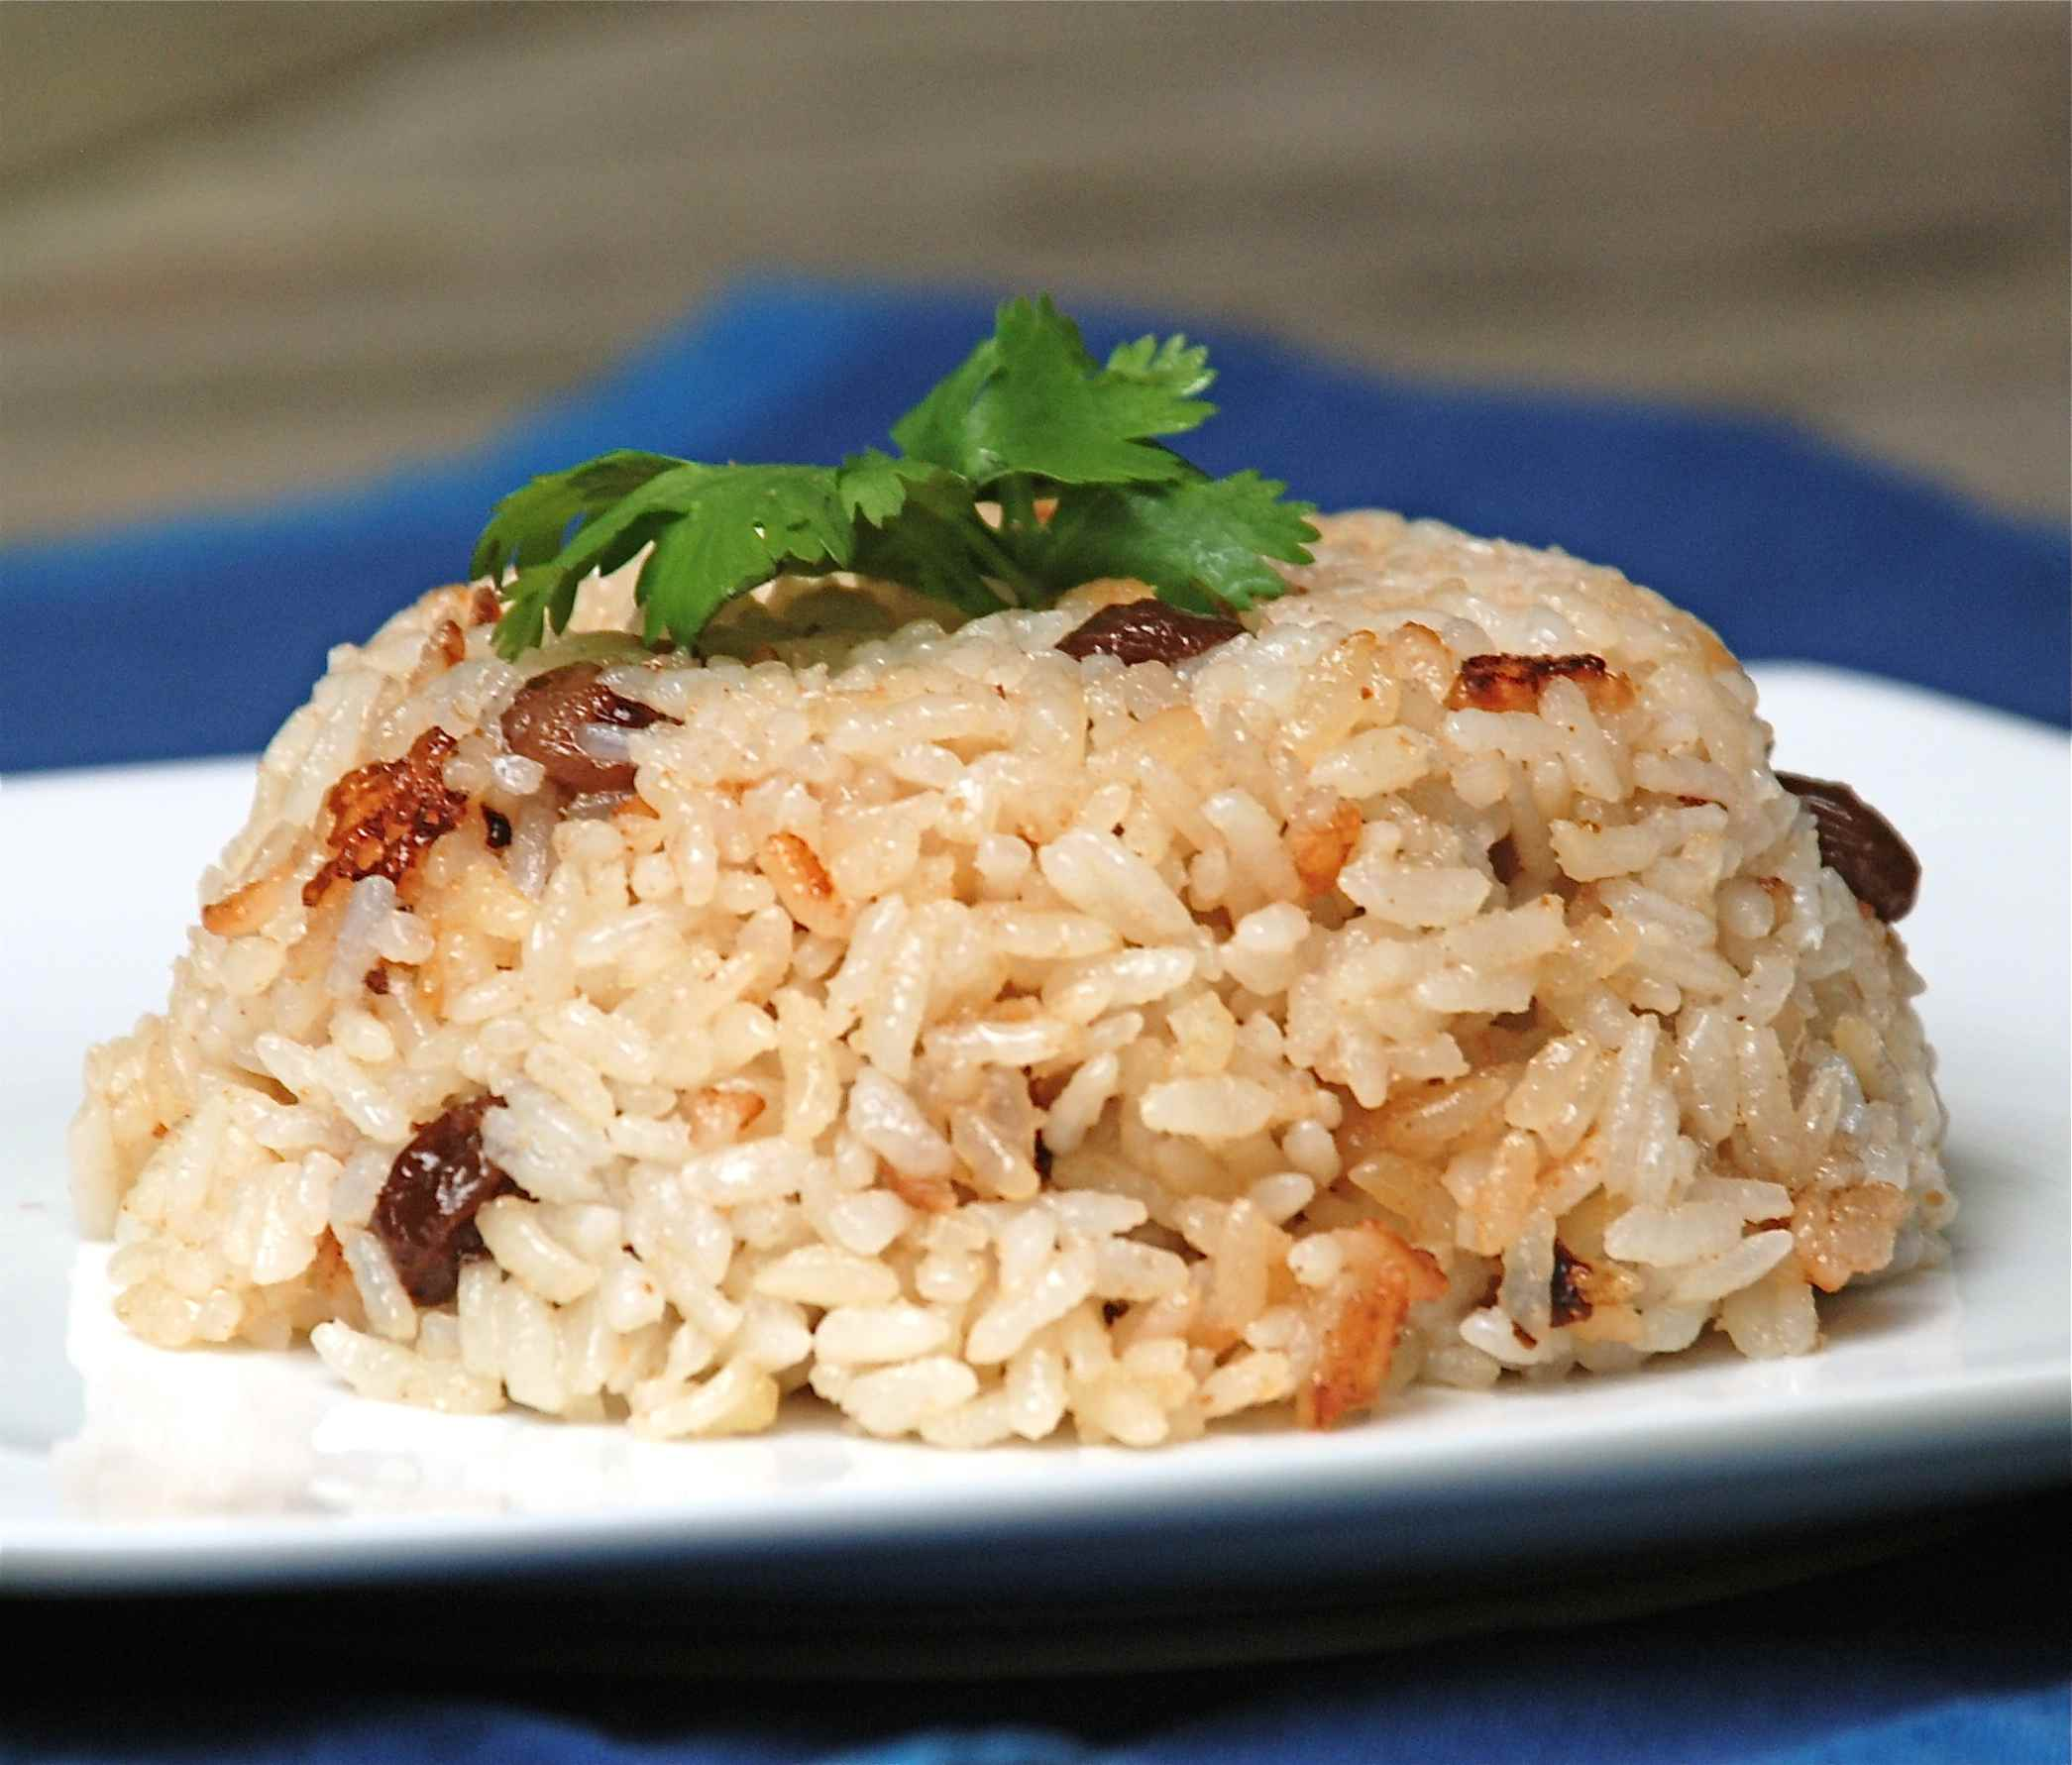 Arroz con coco (coconut rice) on a white plate